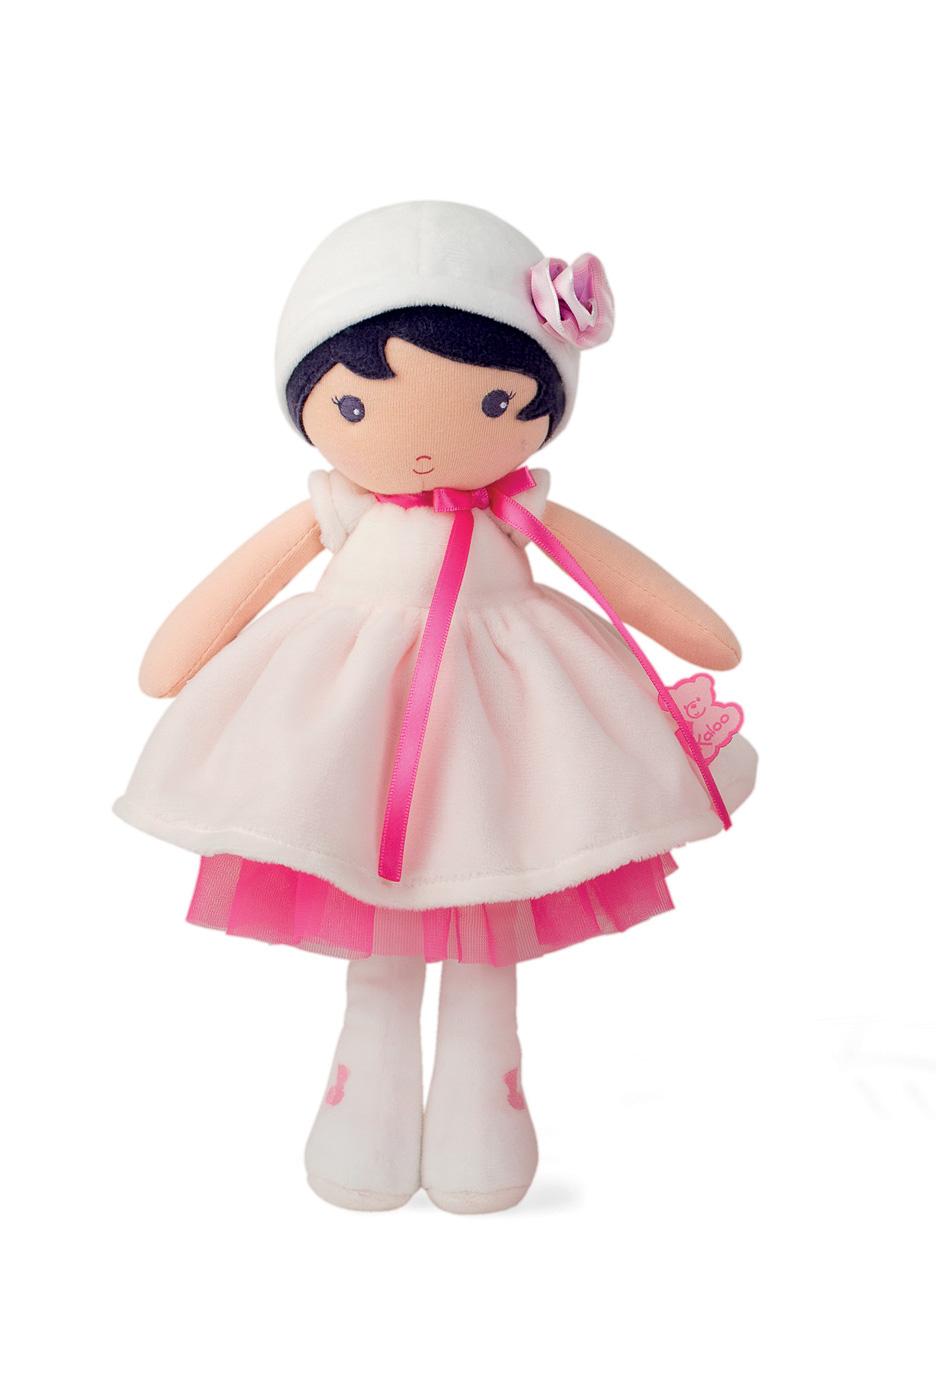 Bábika pre bábätká Perle K Tendresse Kaloo v bielych šatách z jemného textilu v darčekovom balení 32 cm